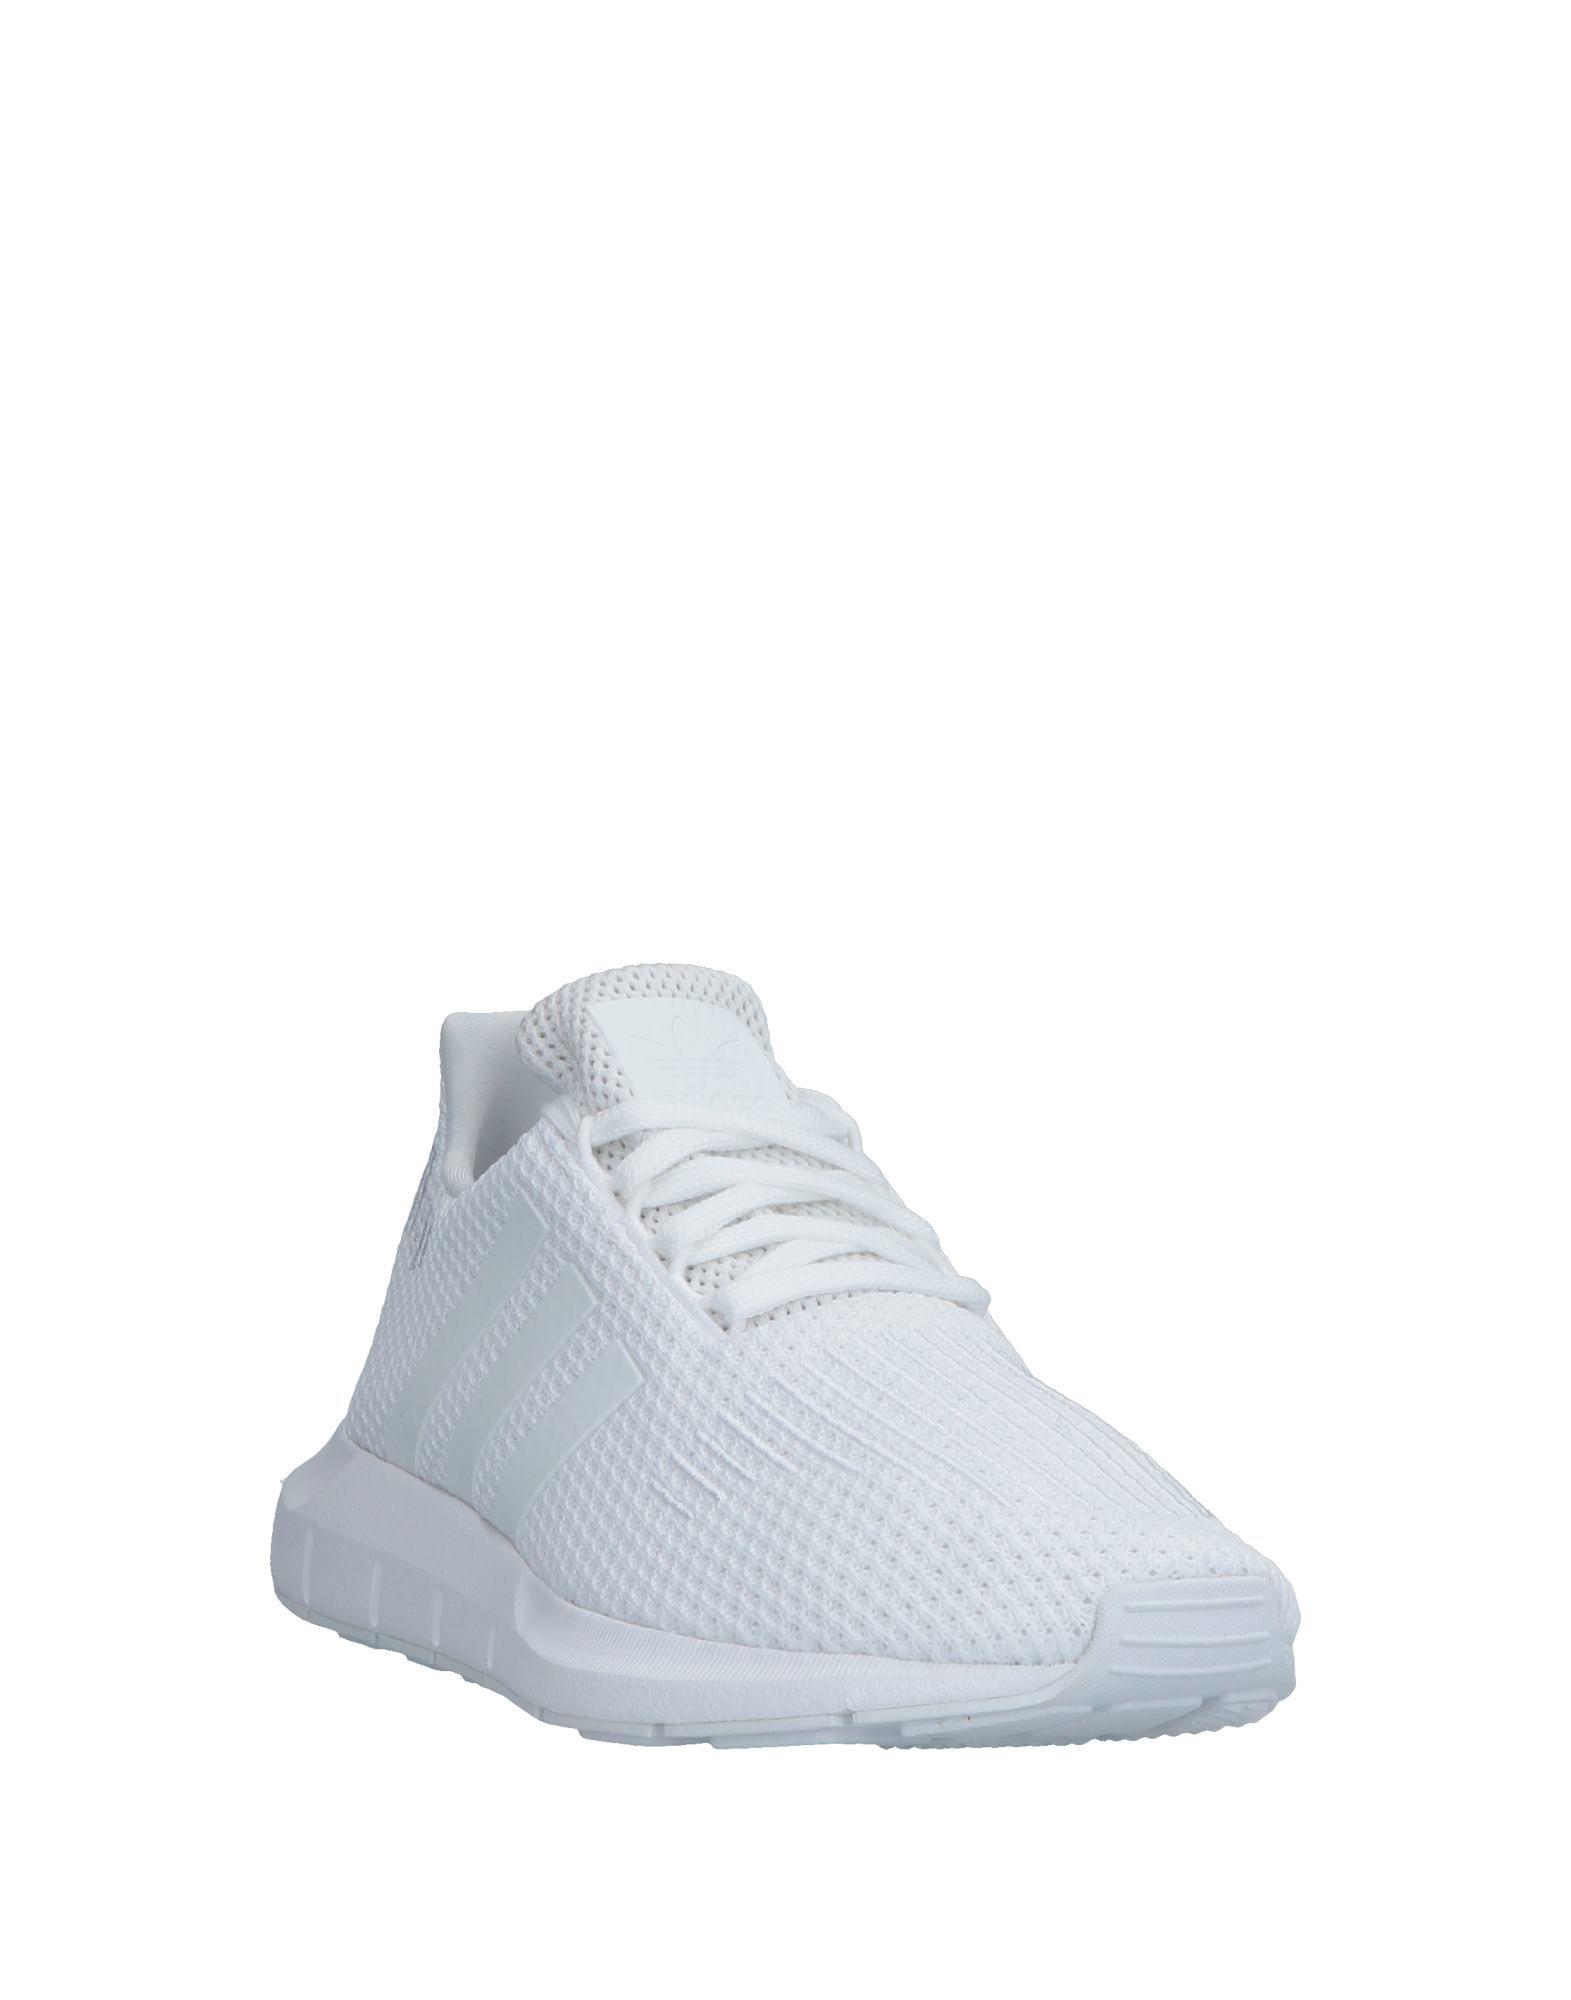 designer fashion 14f48 da942 ADIDAS ORIGINALS ΠΑΠΟΥΤΣΙΑ Παπούτσια τένις χαμηλά, Γυναικεία παπούτσια  τέννις, ΓΥΝΑΙΚΑ   ΠΑΠΟΥΤΣΙΑ   ΤΕΝΝΙΣ